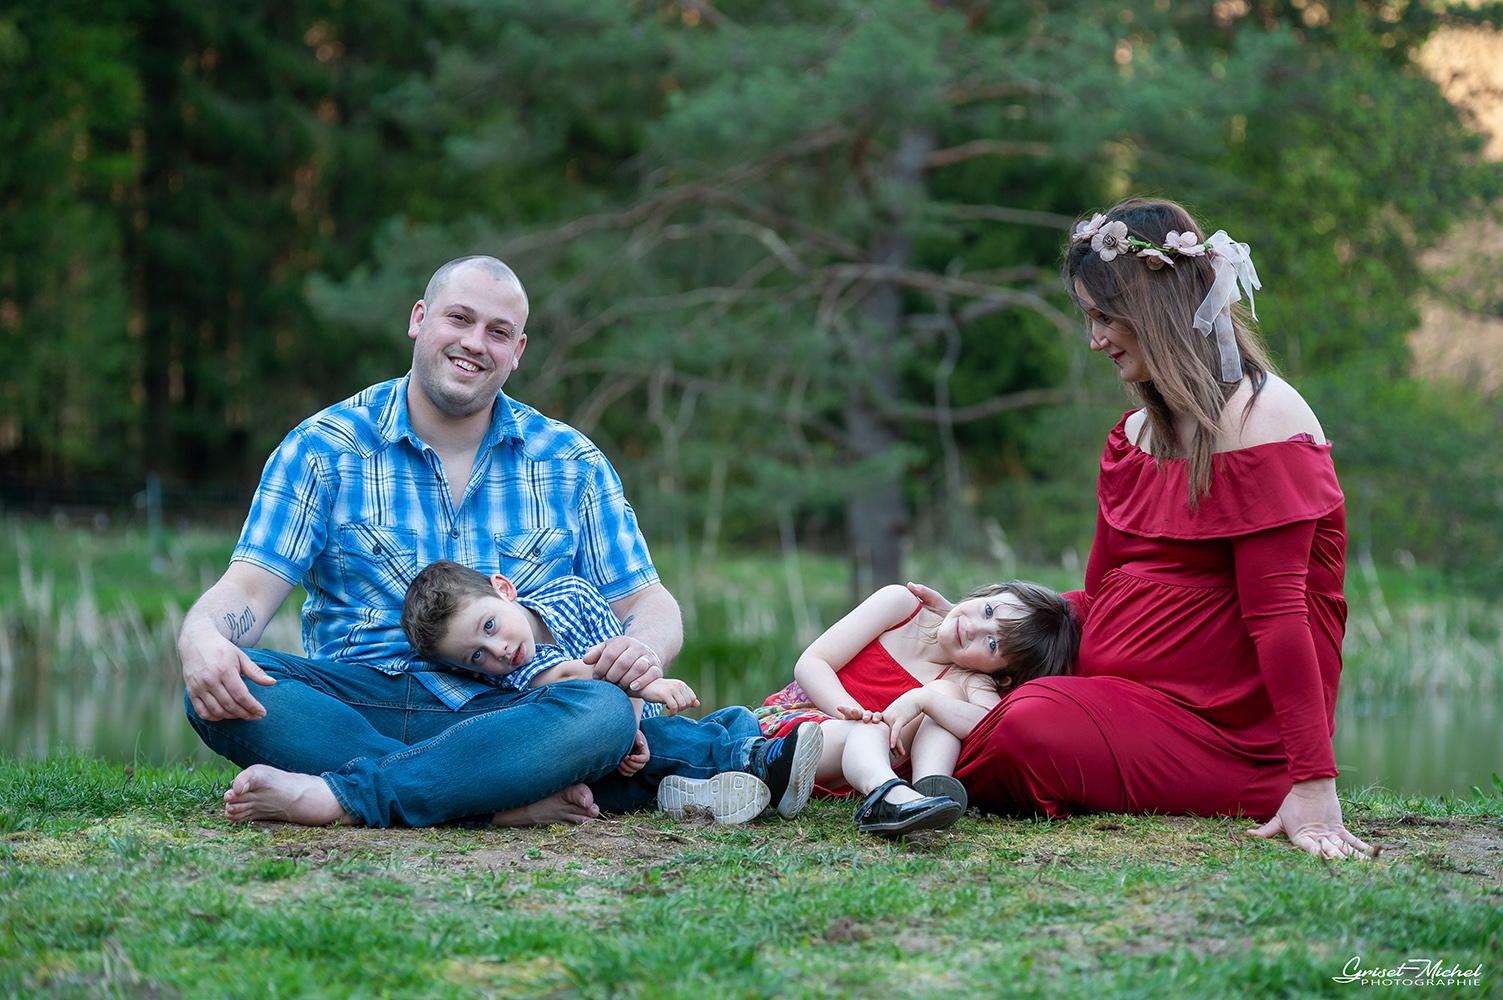 une famille tres complice passe un pur moment de bonheur